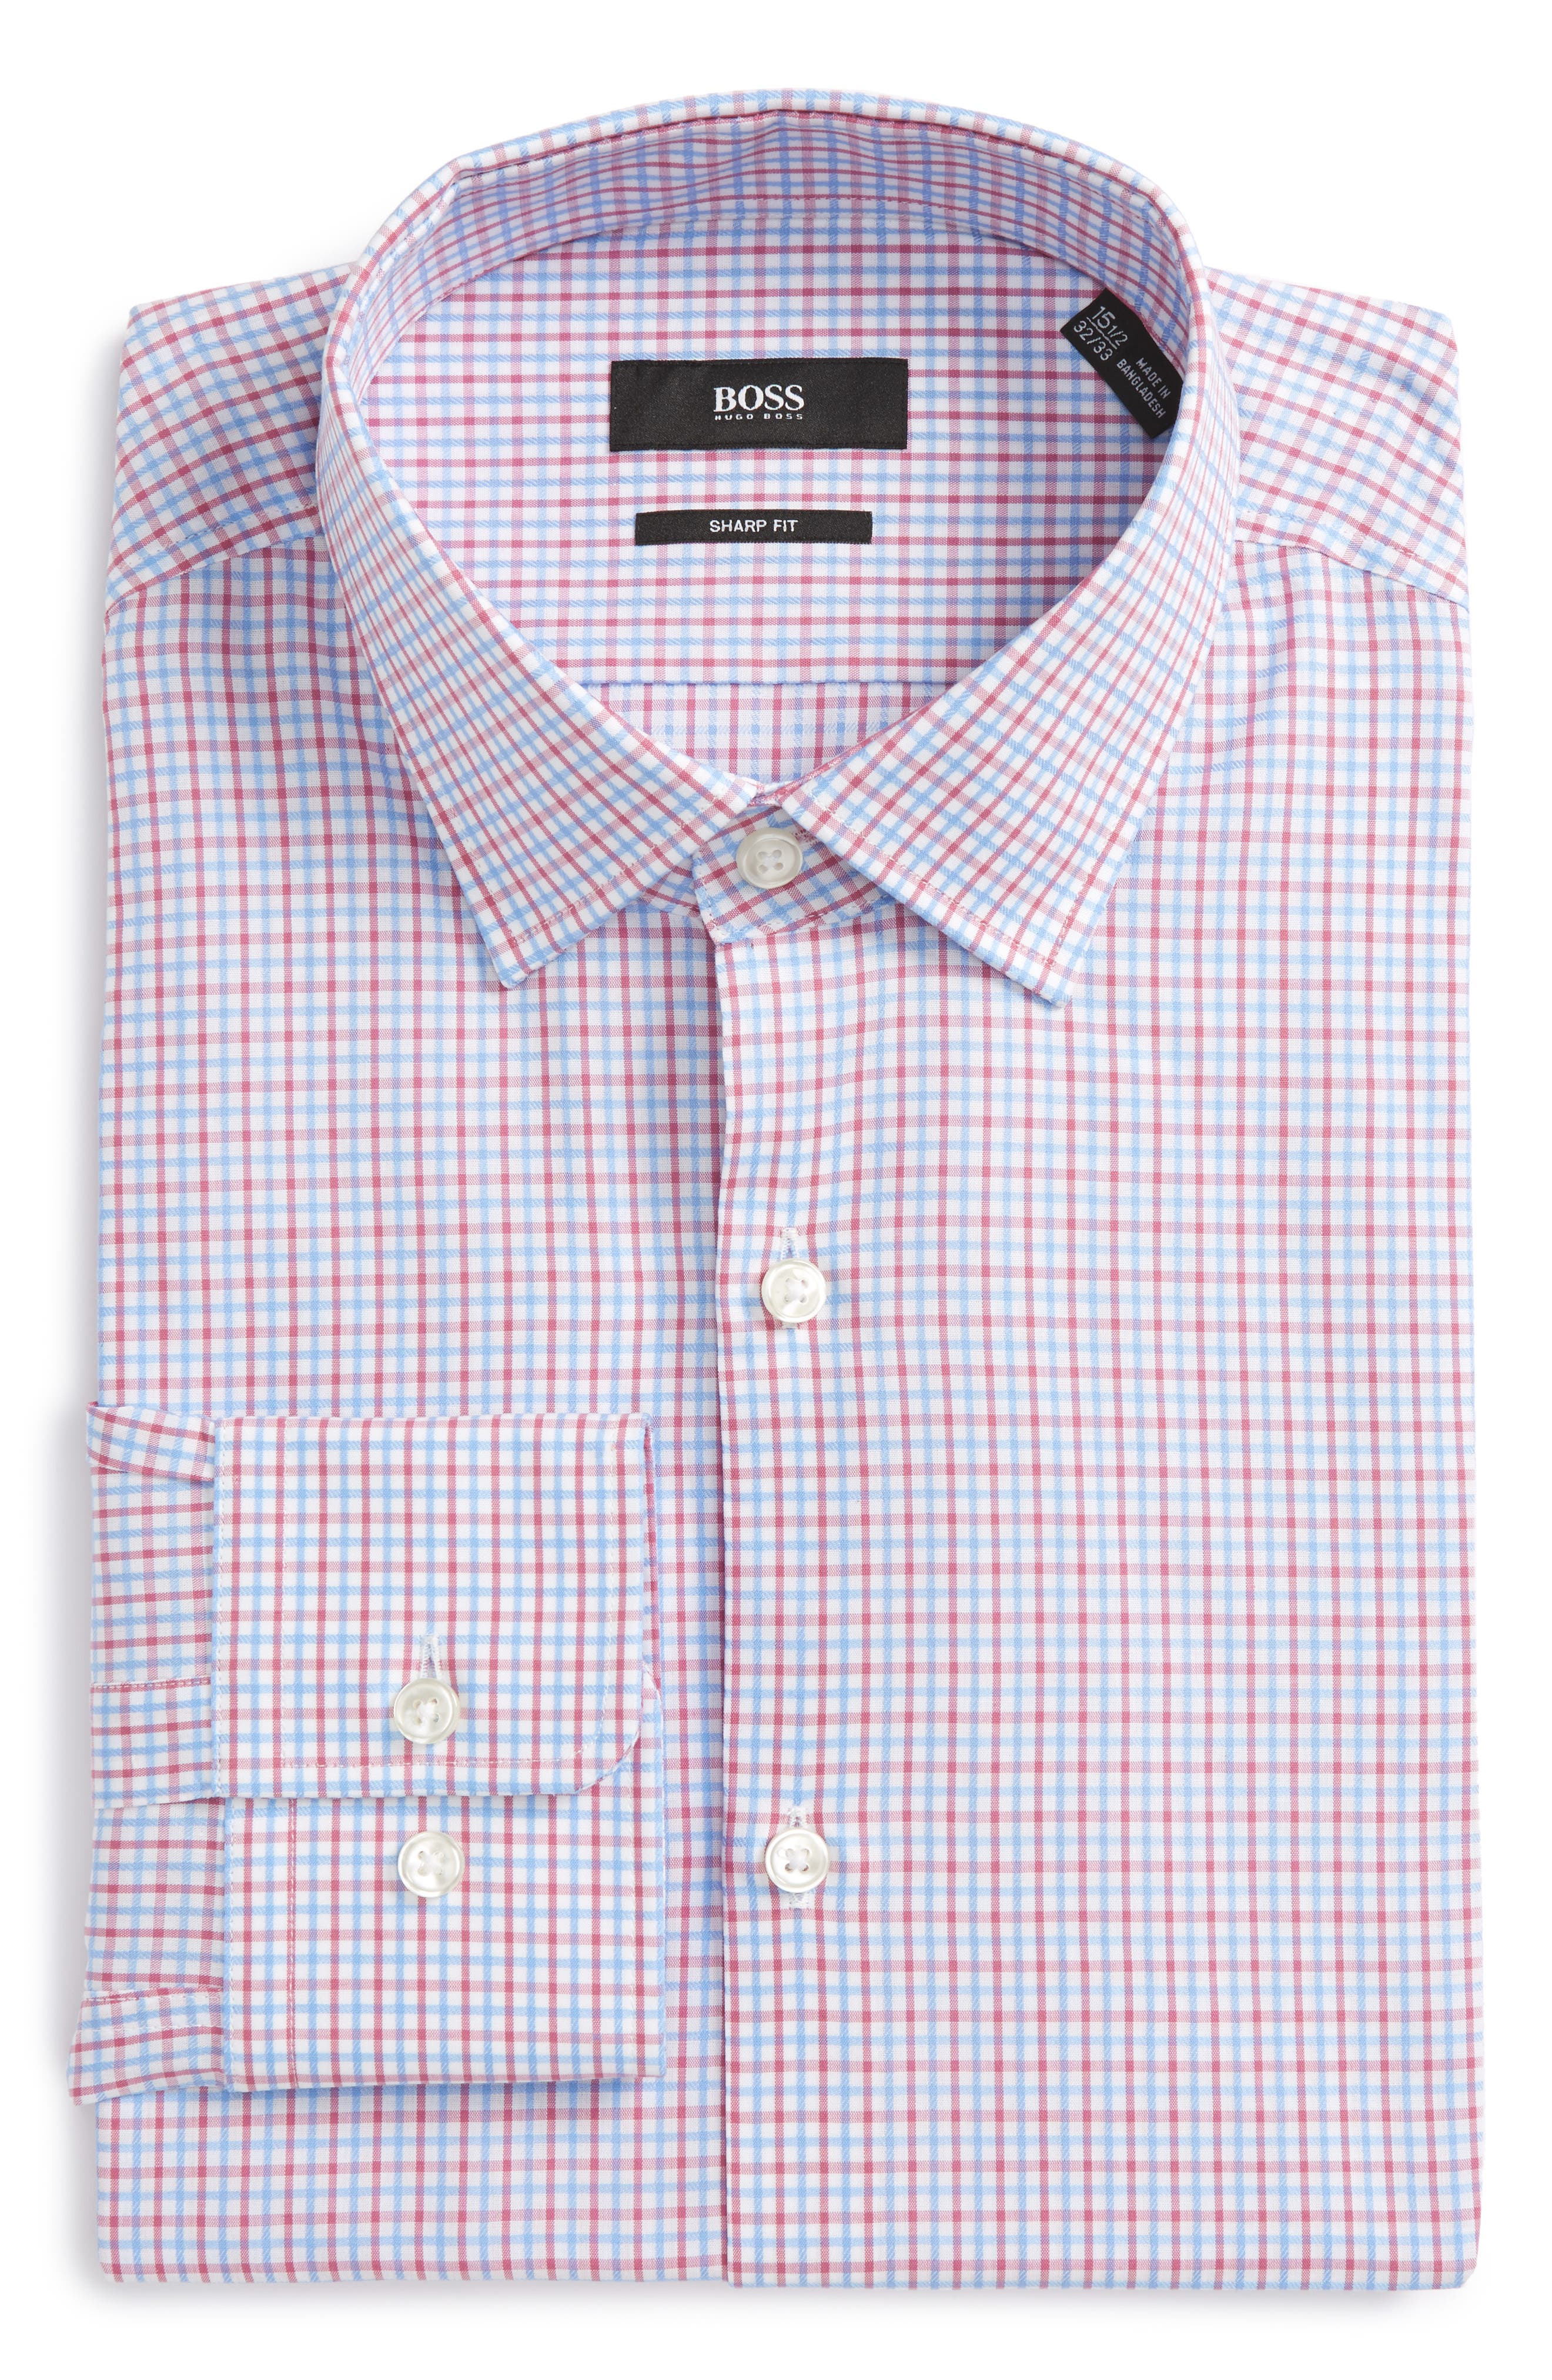 Main Image - BOSS Marley Sharp Fit Check Dress Shirt